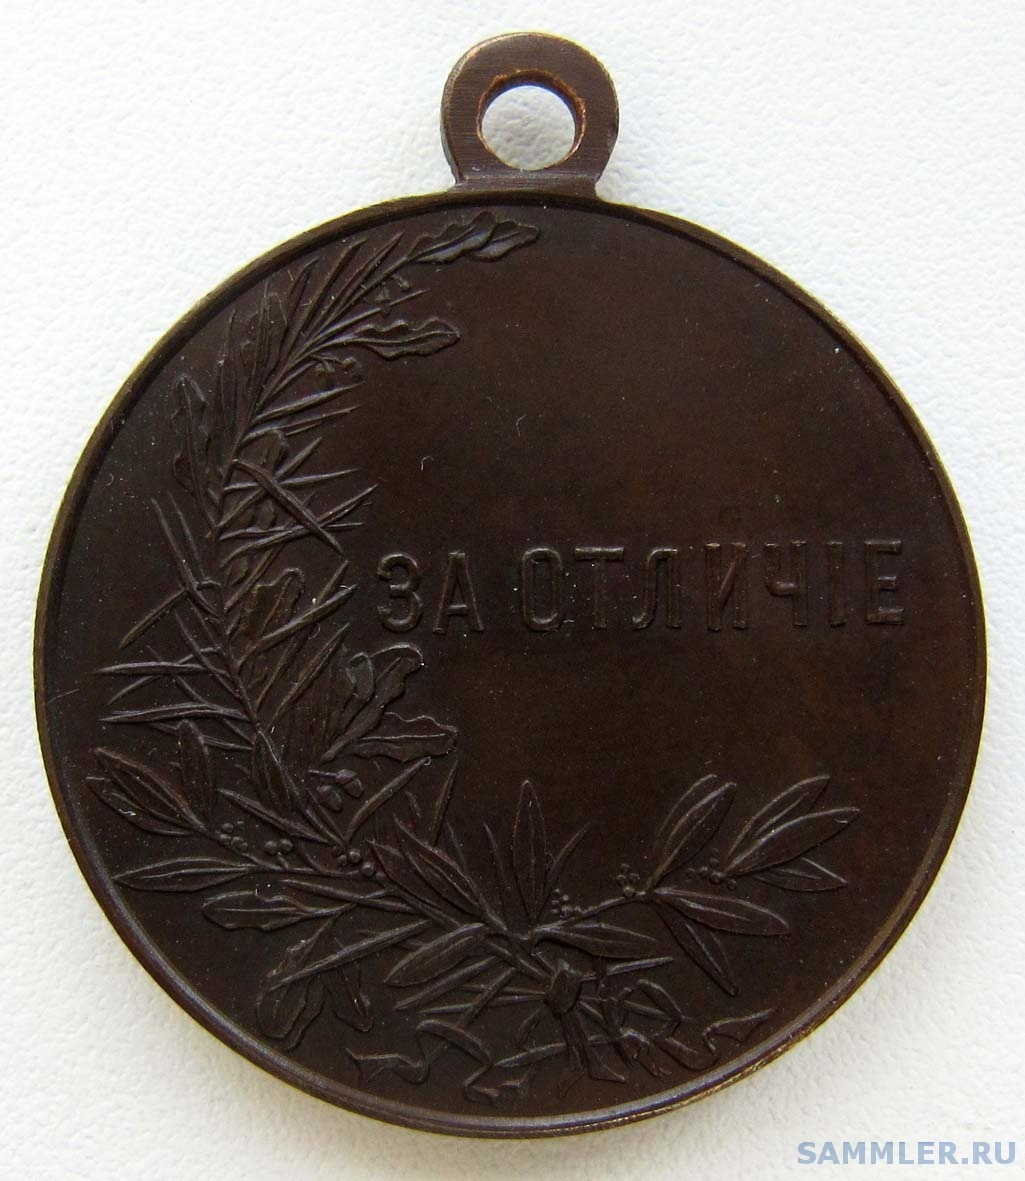 Медаль_За отличие. Тёмная бронза. Николай 2 (реверс).jpg